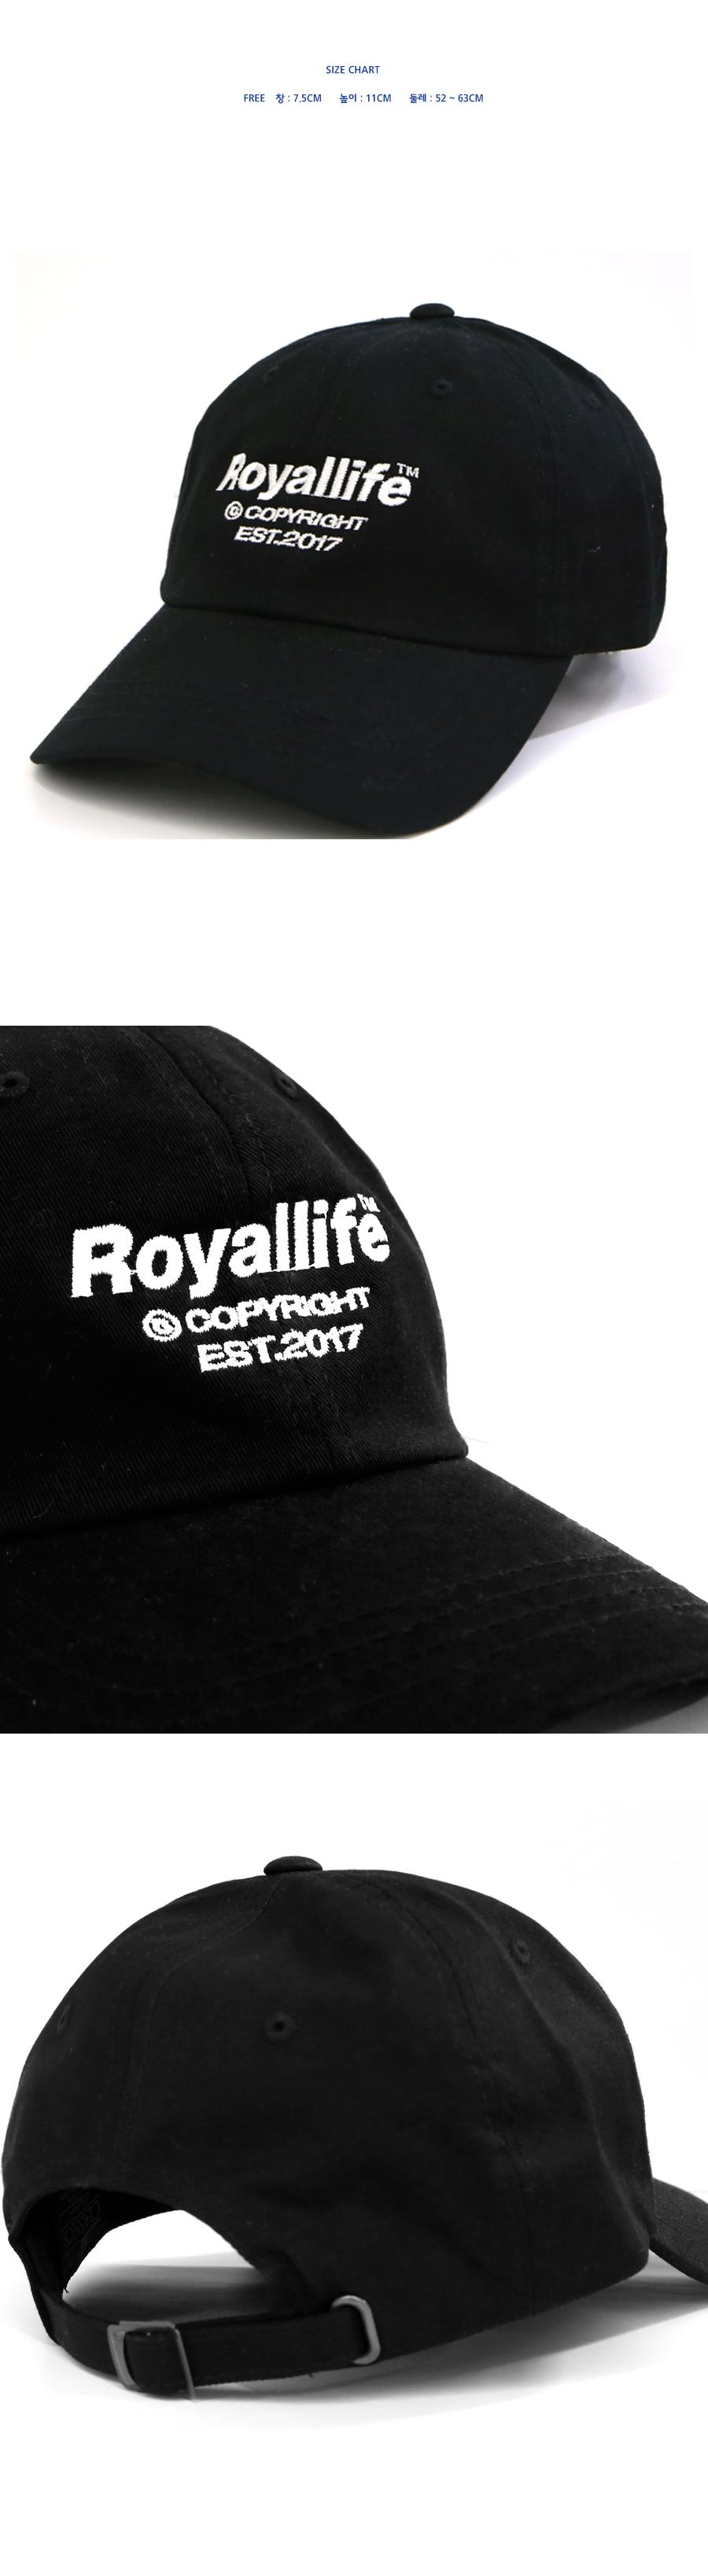 로얄라이프(ROYALLIFE) RLBC401 로얄라이프 로고 볼 캡 - 블랙